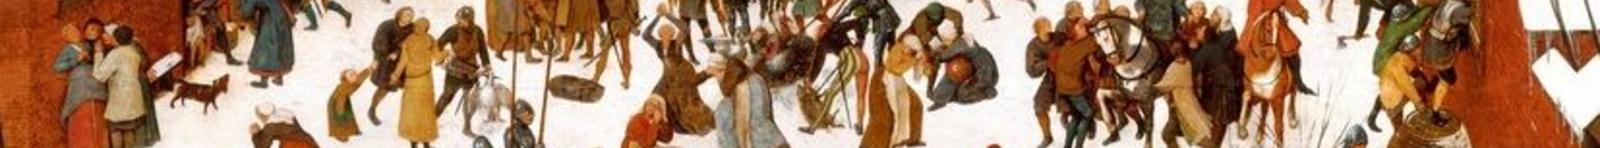 Pieter Brueghel the Elder, The Massacre of the Innocents, c.1565-7